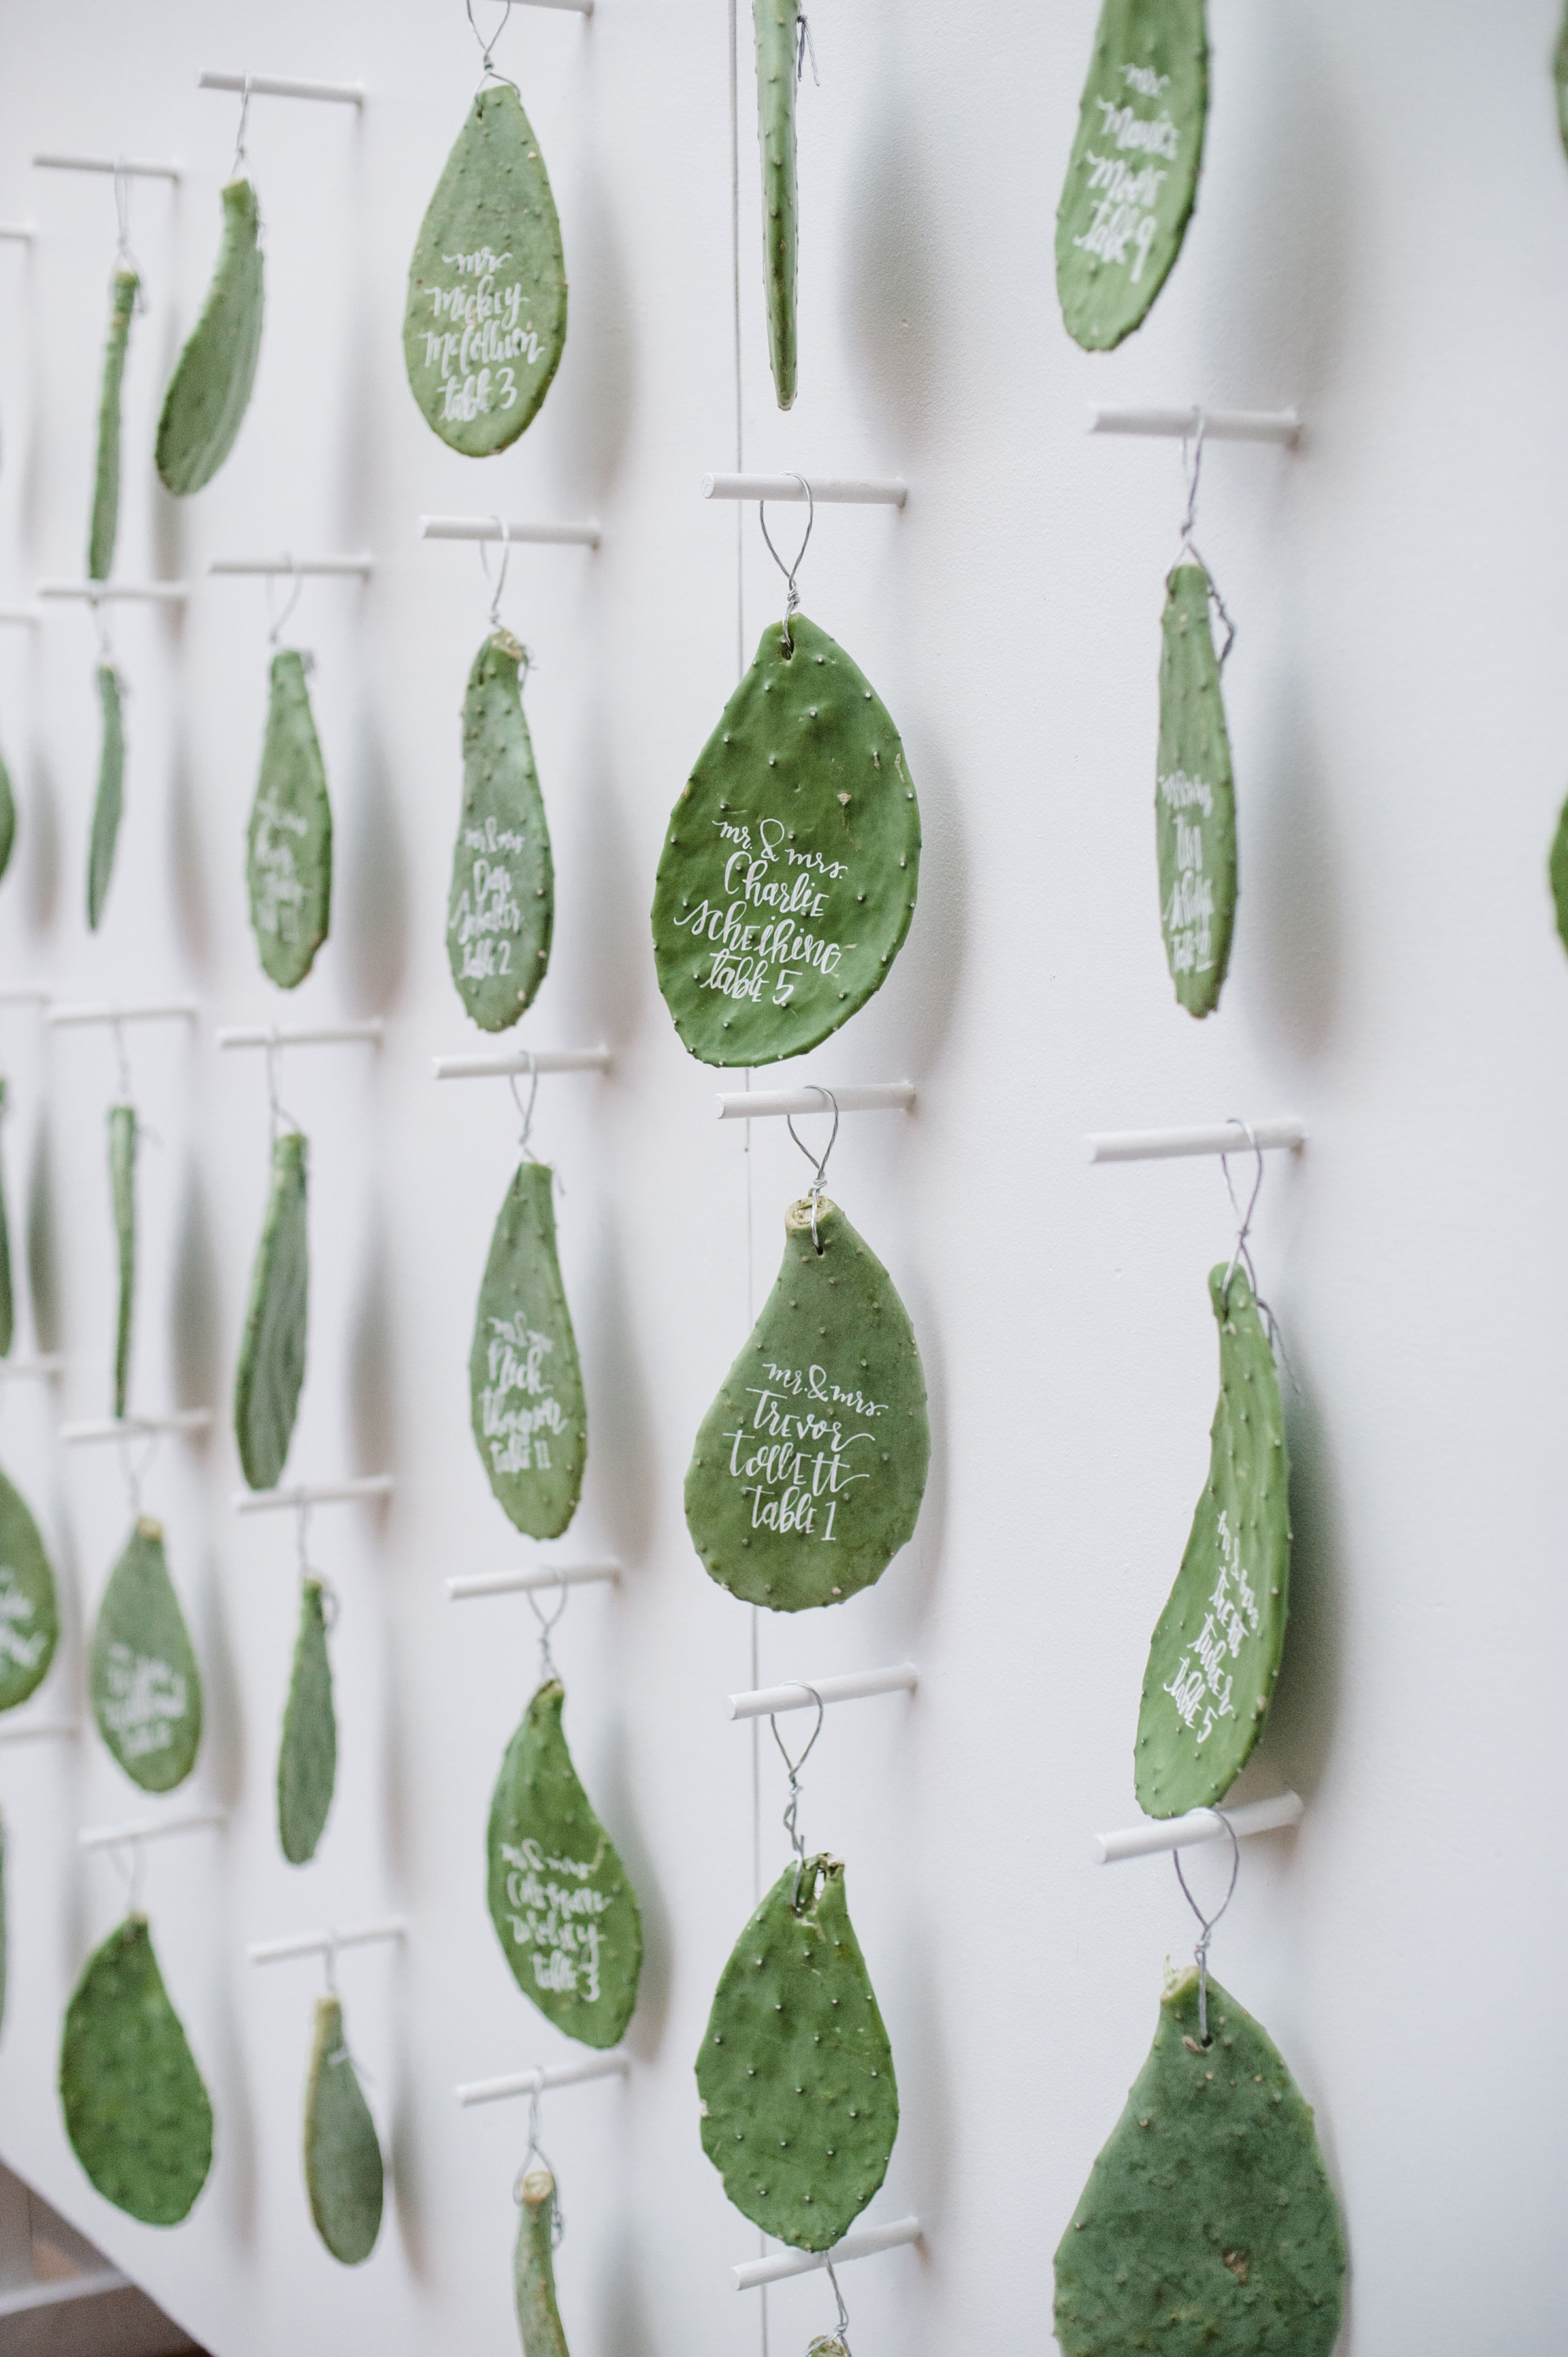 Hanging Cactus Escort Cards